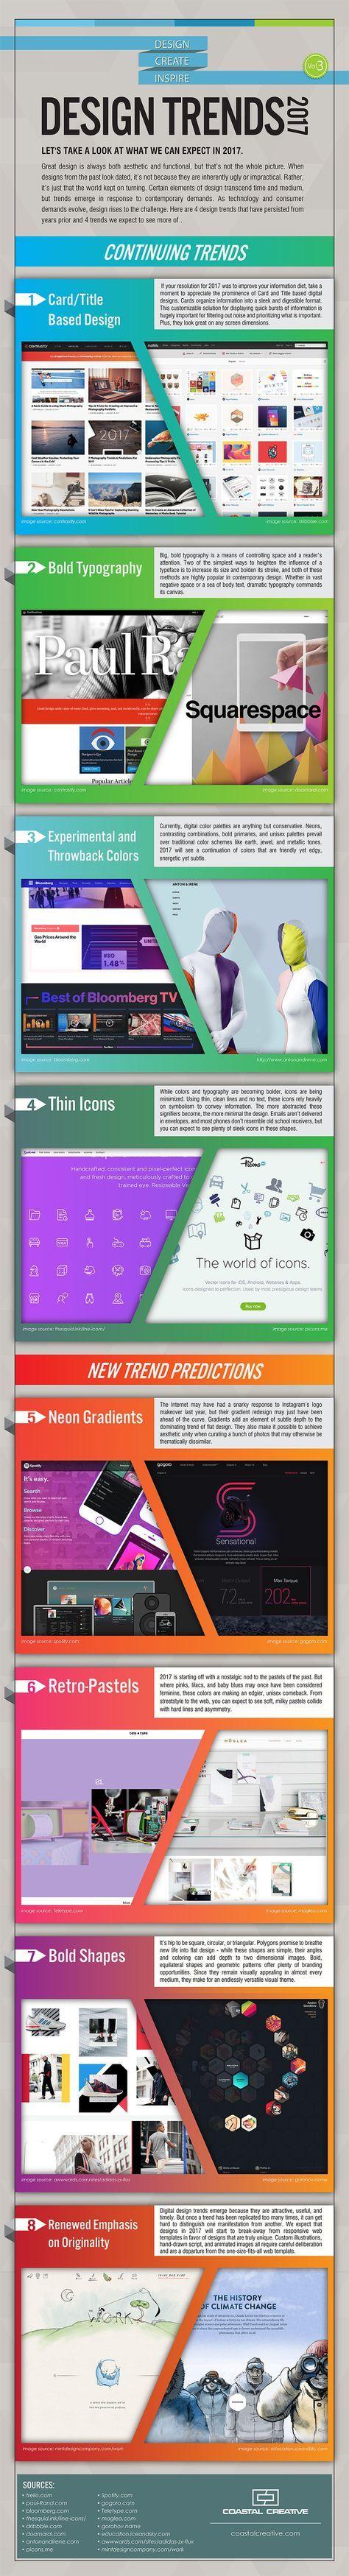 Infográfico: Tendências de design para 2017